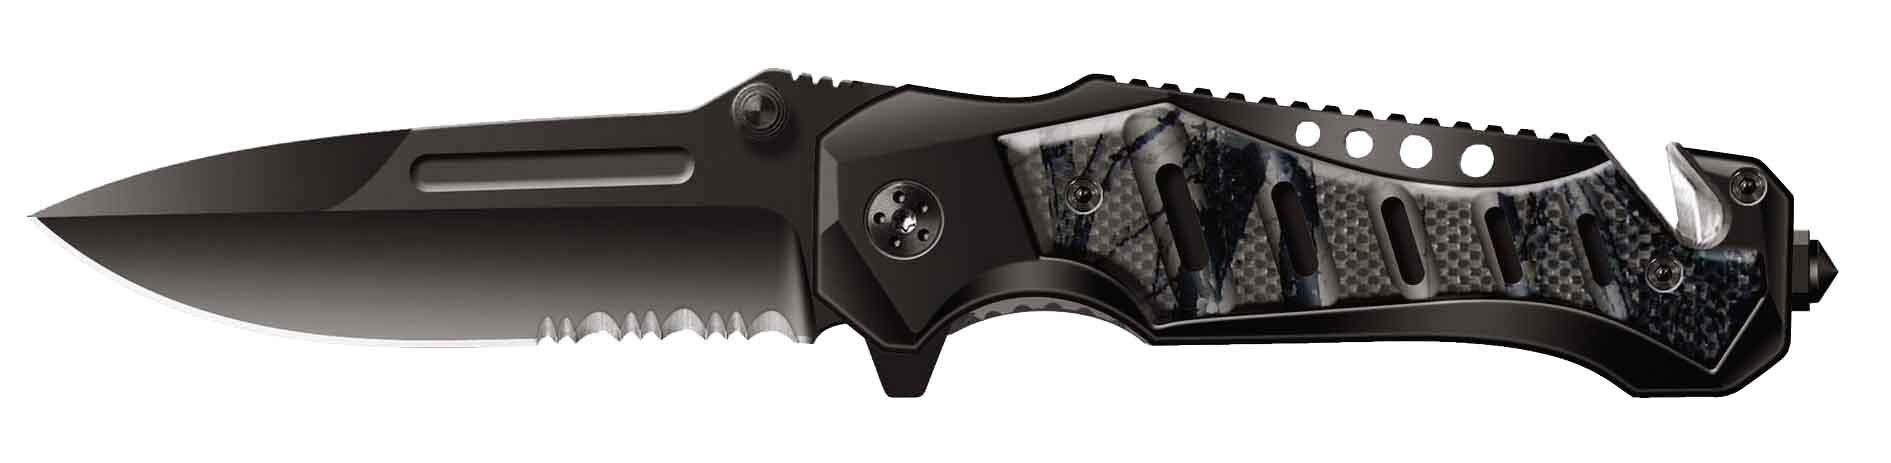 Нож складной Stinger SA-582GY, сталь 420, алюминий нож складной stinger sa 574b сталь 420 алюминий